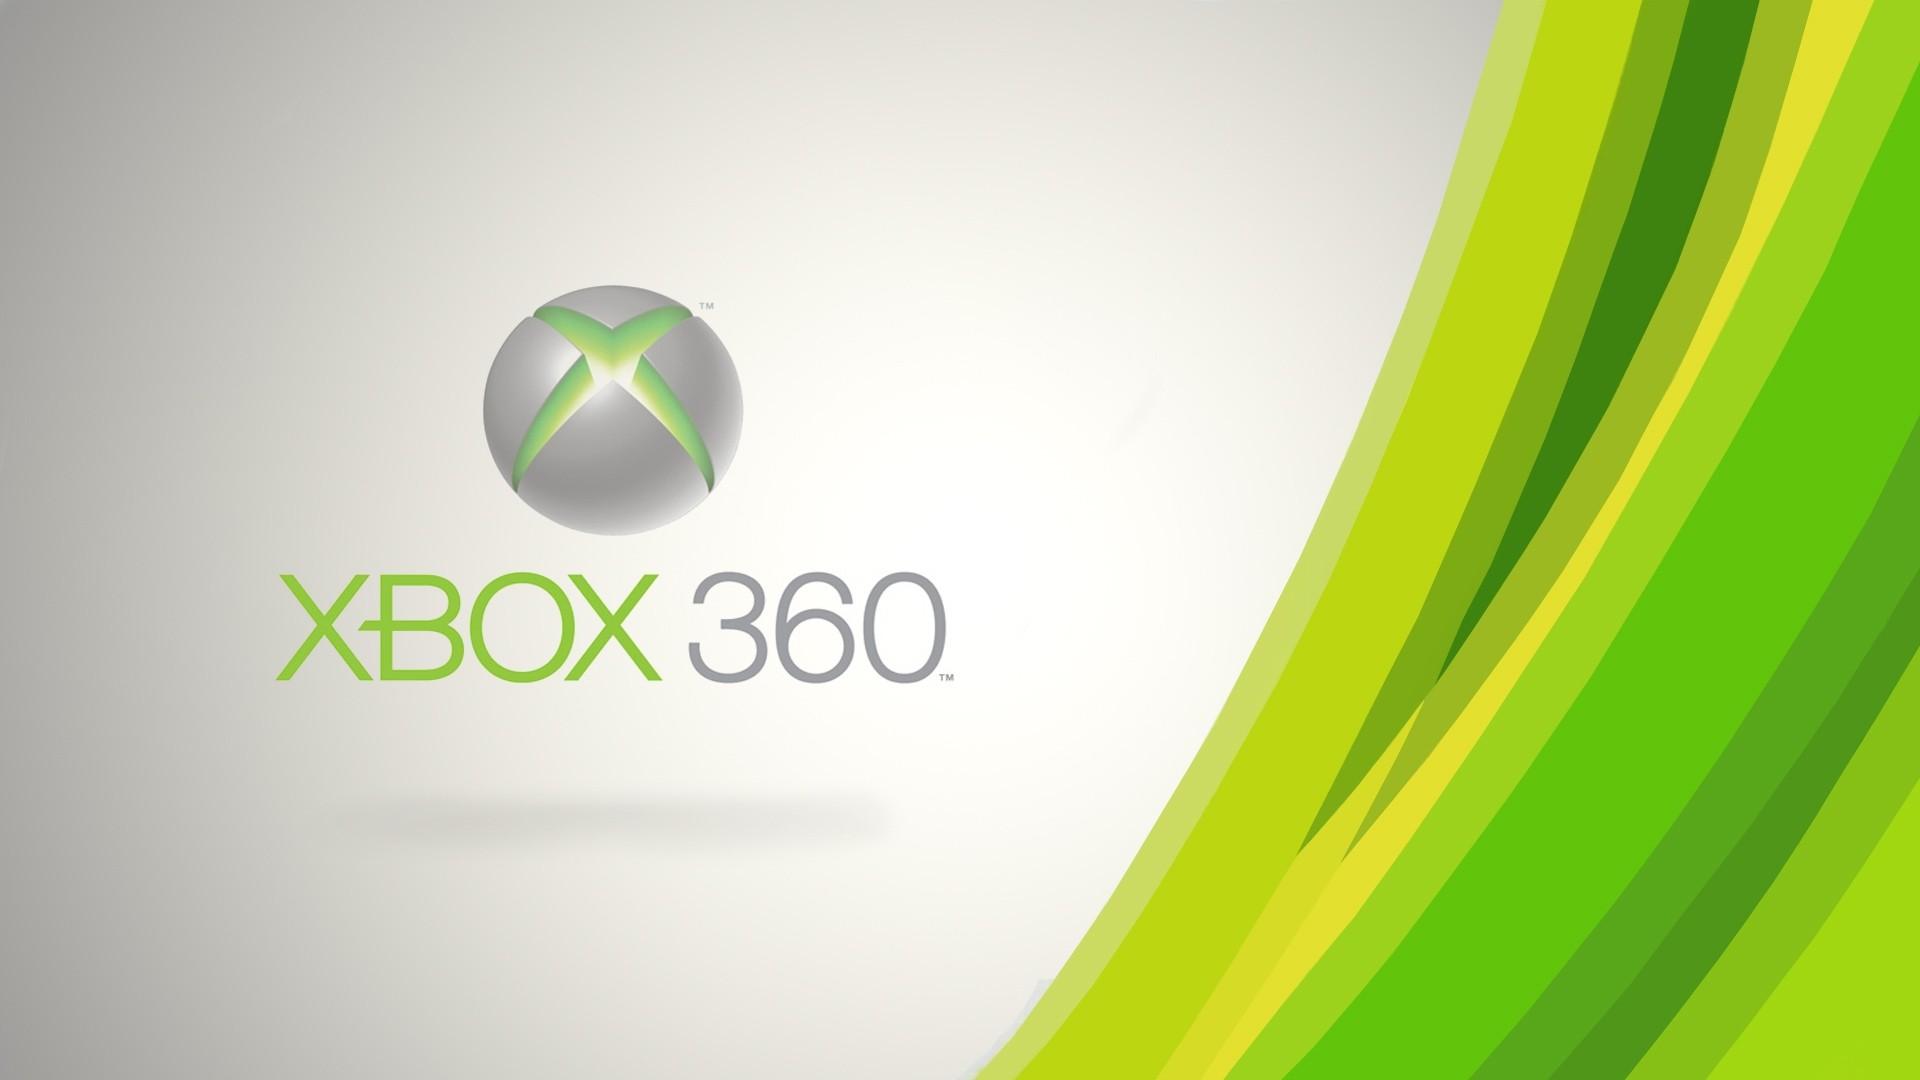 Hd Xbox 360 1920x1080